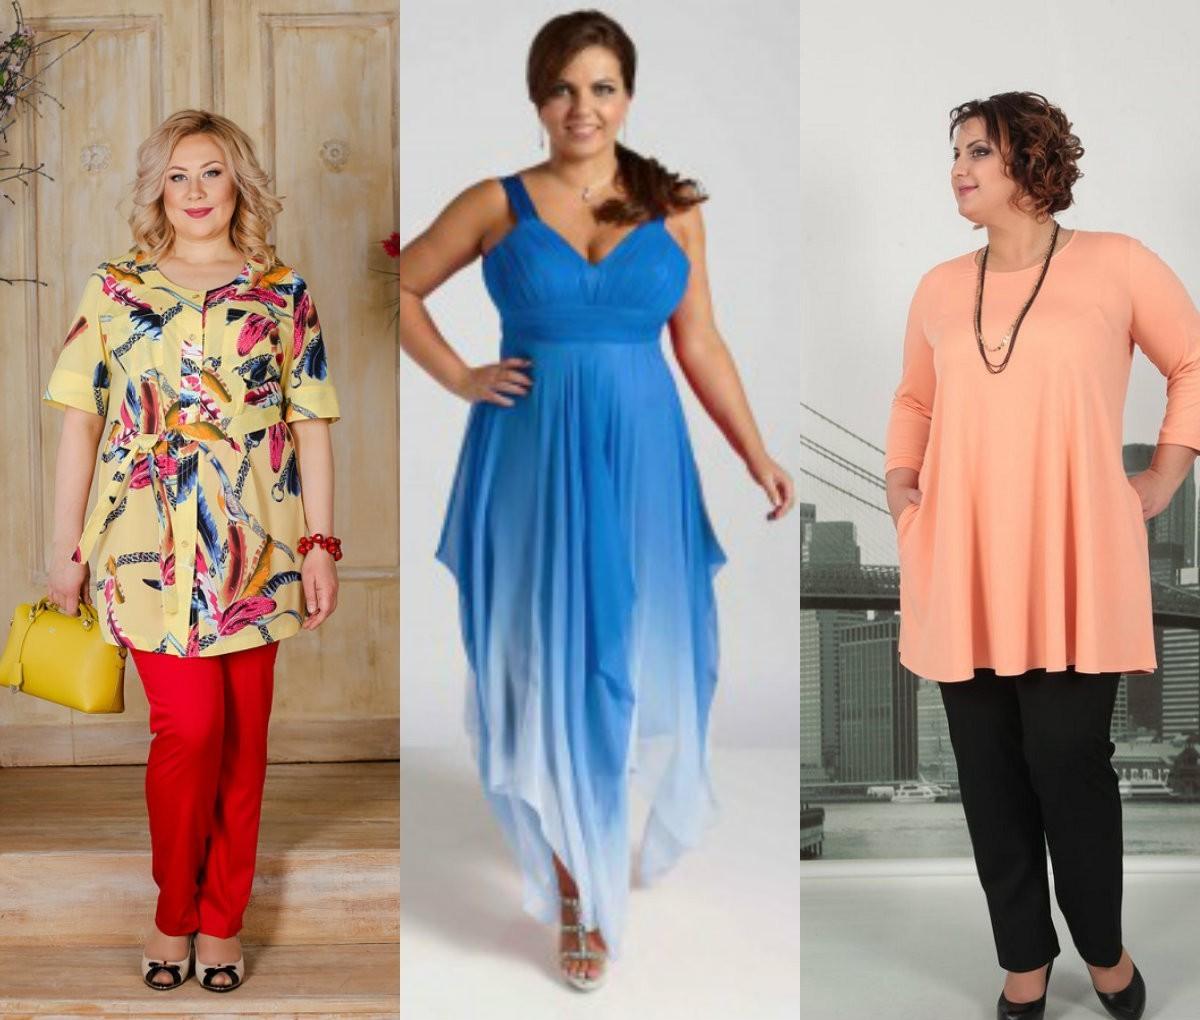 Купить Одежду Недорого Больших Размеров